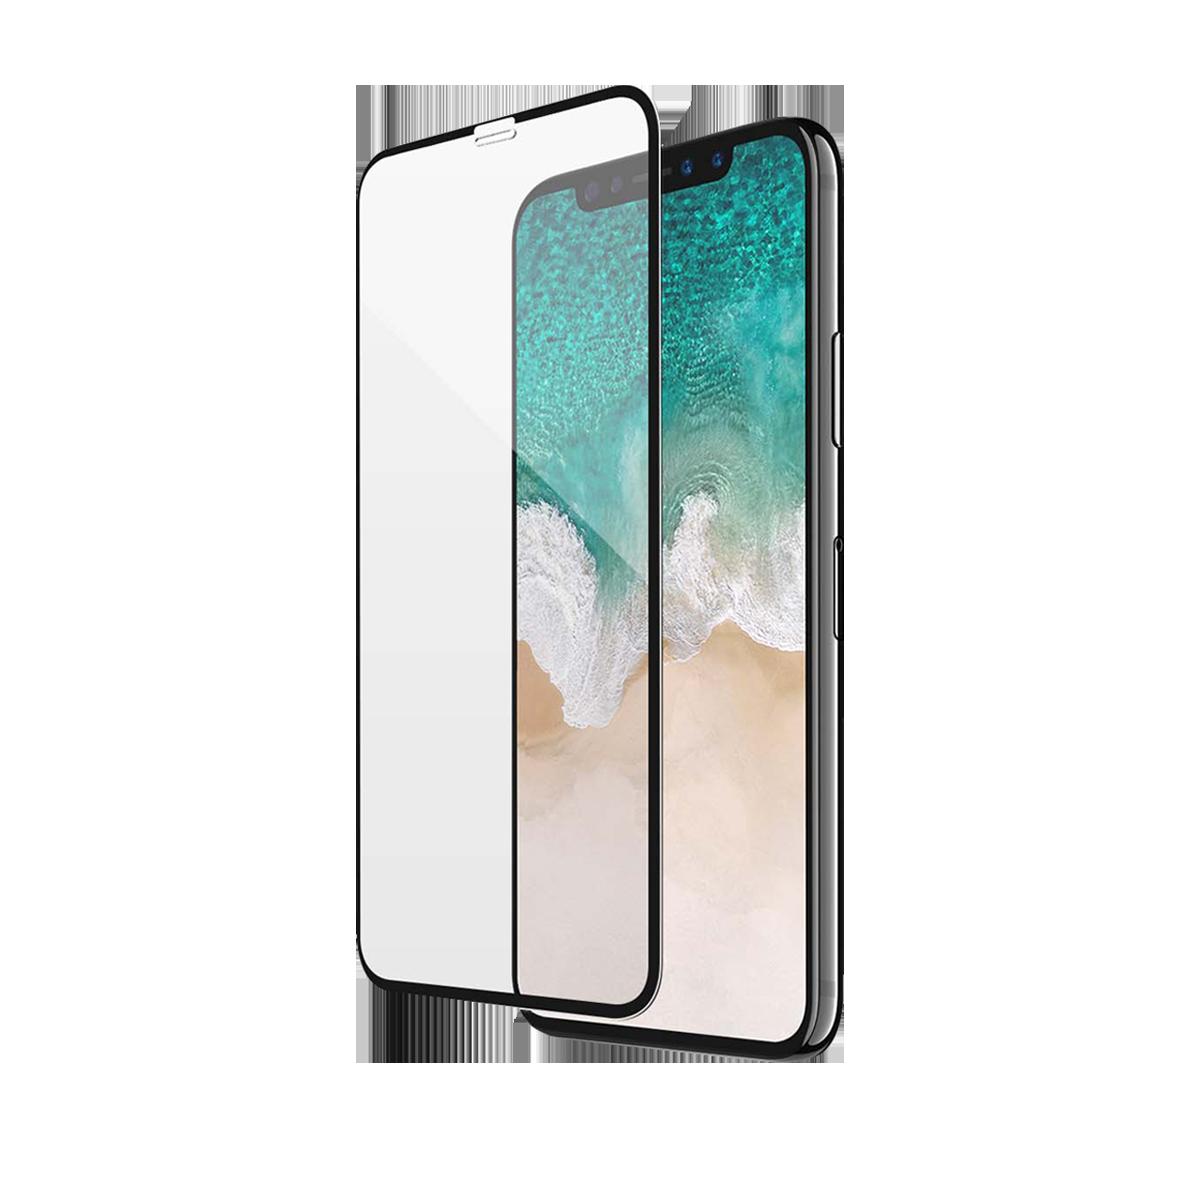 iPhone 12 Pro Max için spada Comfort Tam kaplayan temperli ekran koruma camı